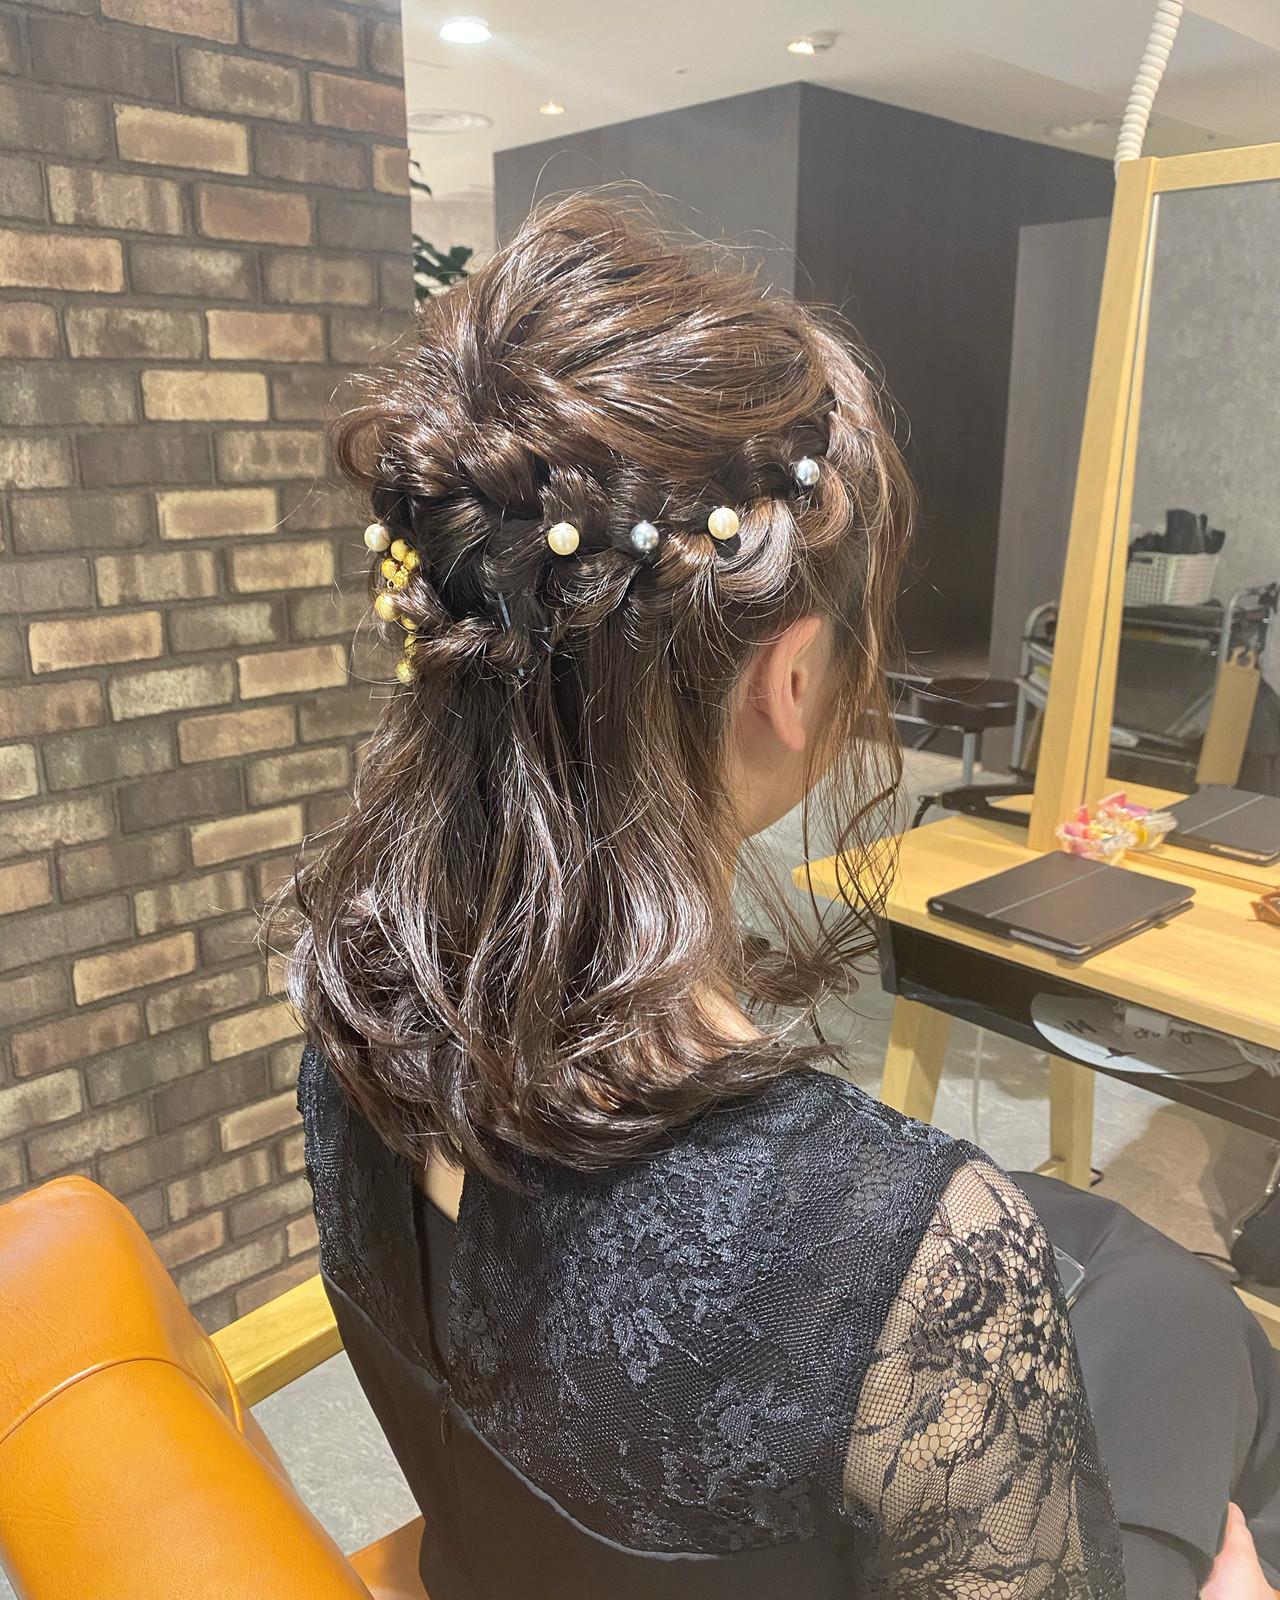 透明感カラー ナチュラル アイロンワーク ヘアアレンジ ヘアスタイルや髪型の写真・画像